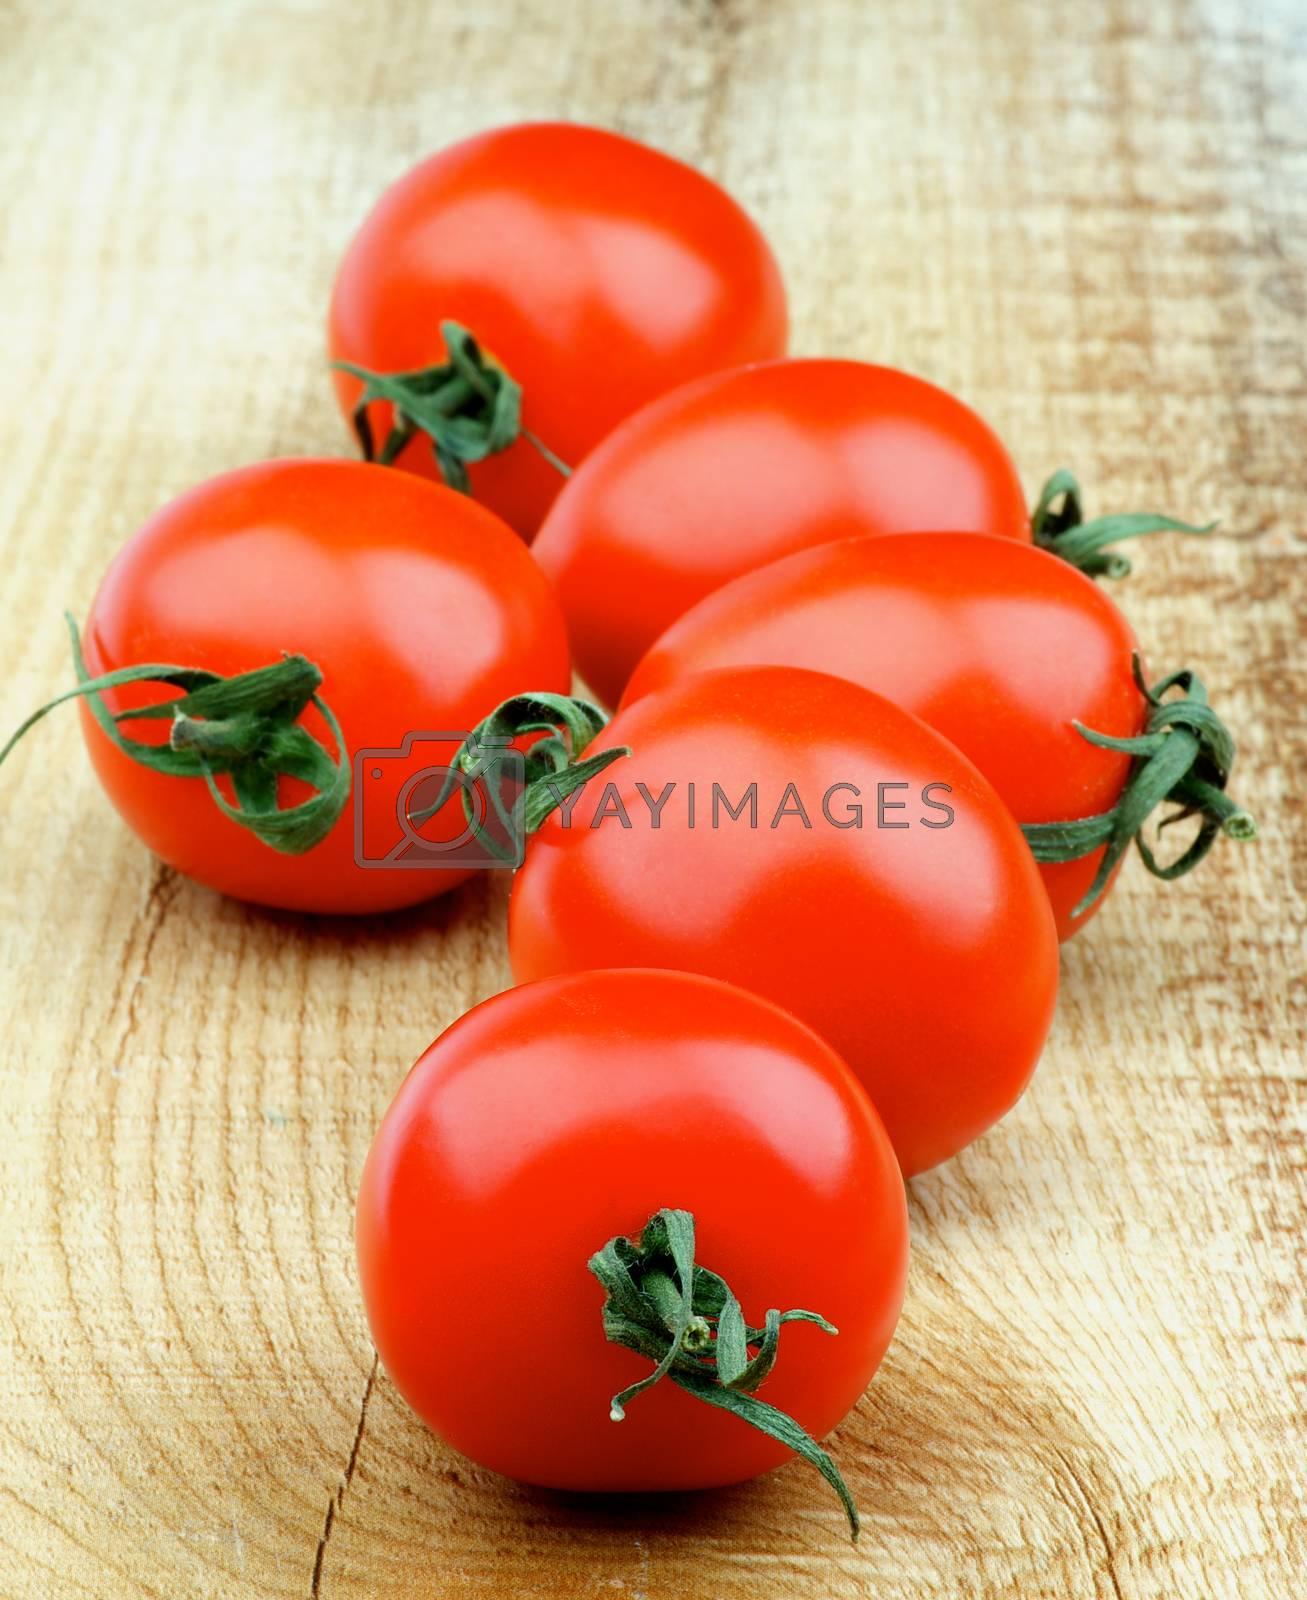 Cherry Tomatoes by zhekos